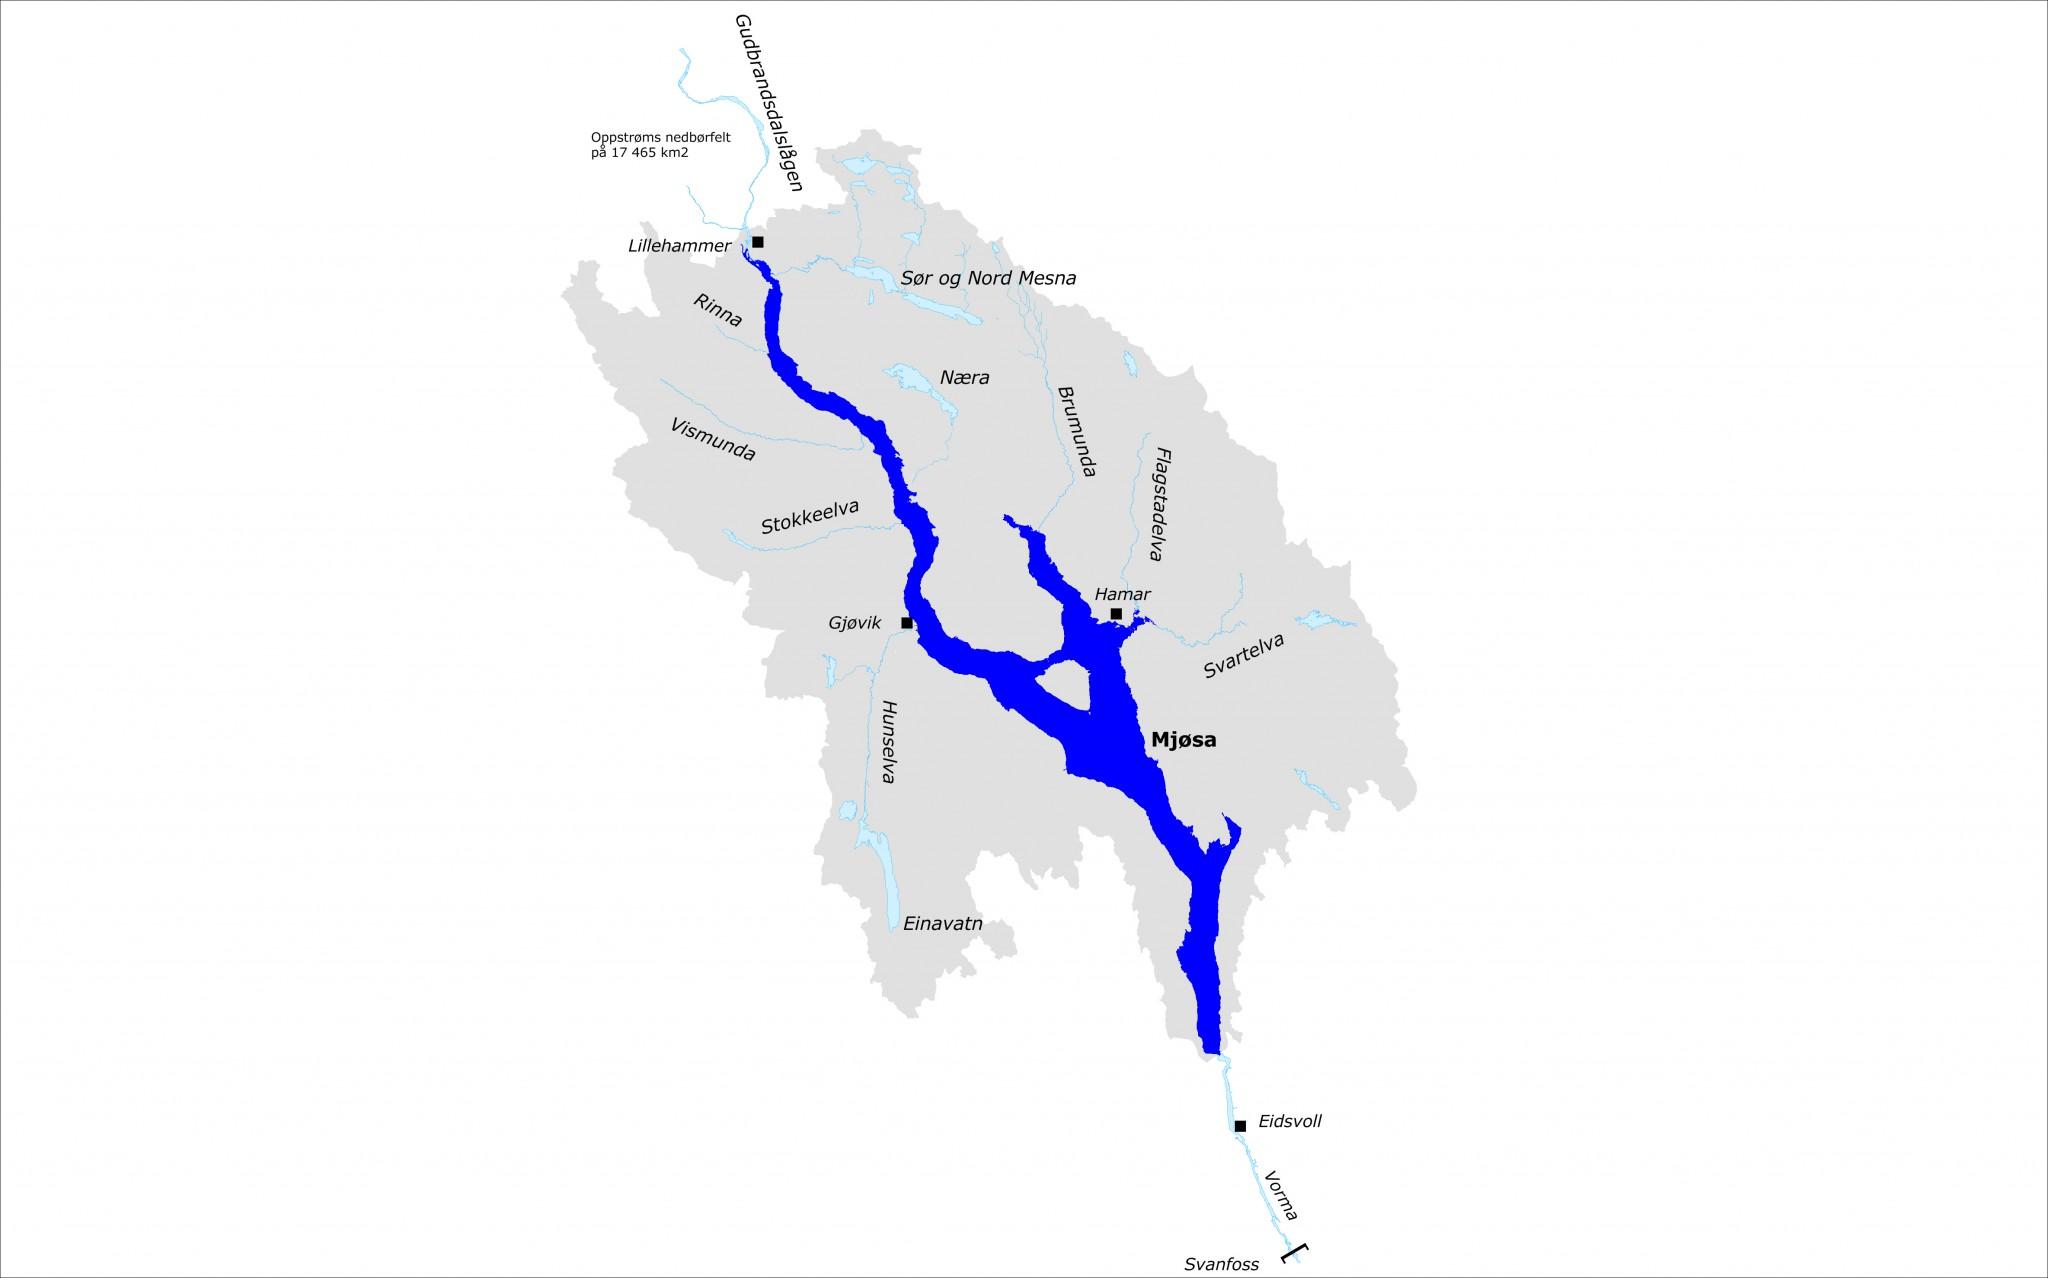 båttrafikk kart Mjøsa   Glommens og Laagens Brukseierforening båttrafikk kart